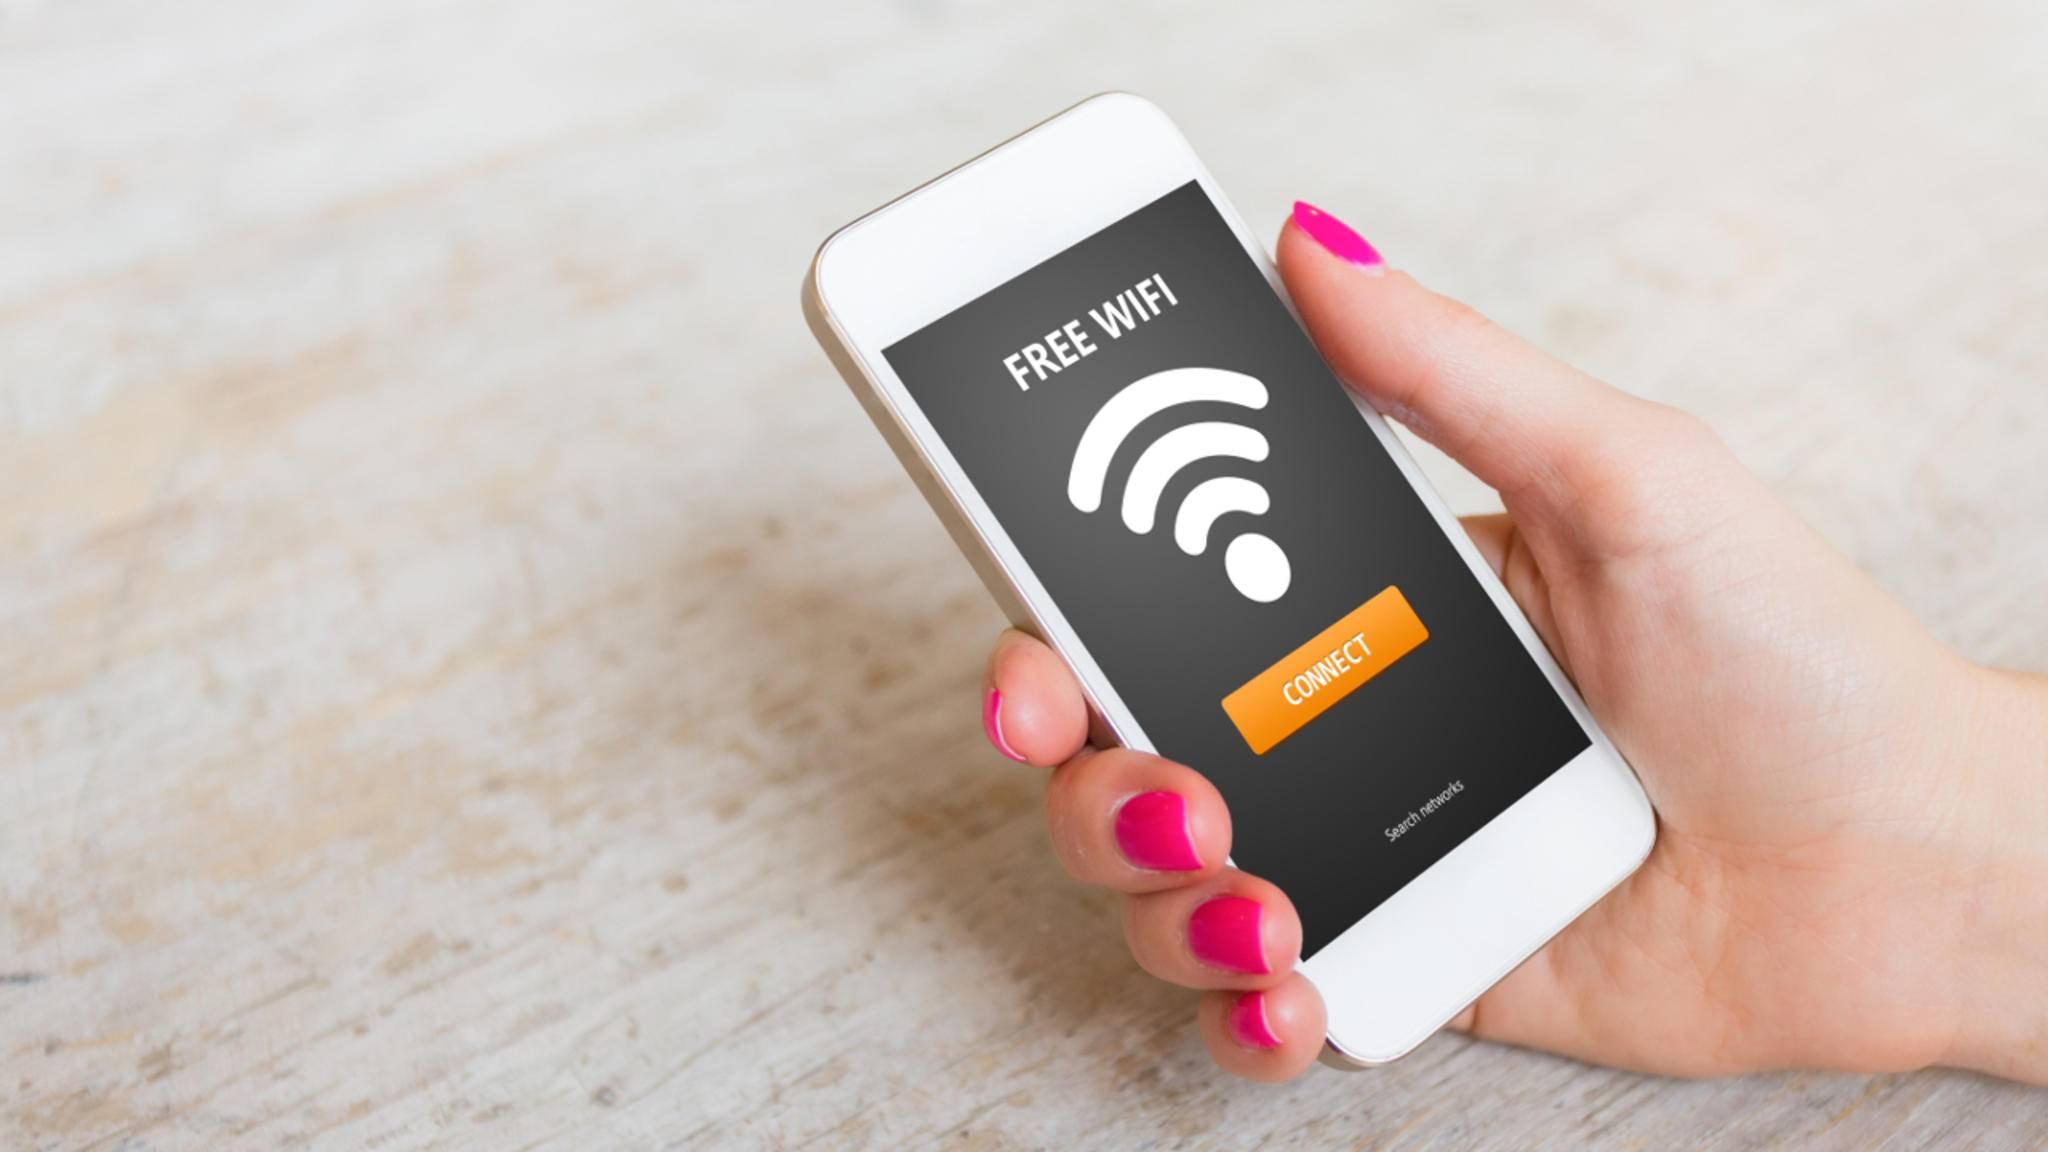 Hat Dein iPhone WLAN-Probleme, solltest Du es mal mit diesen Tipps versuchen.